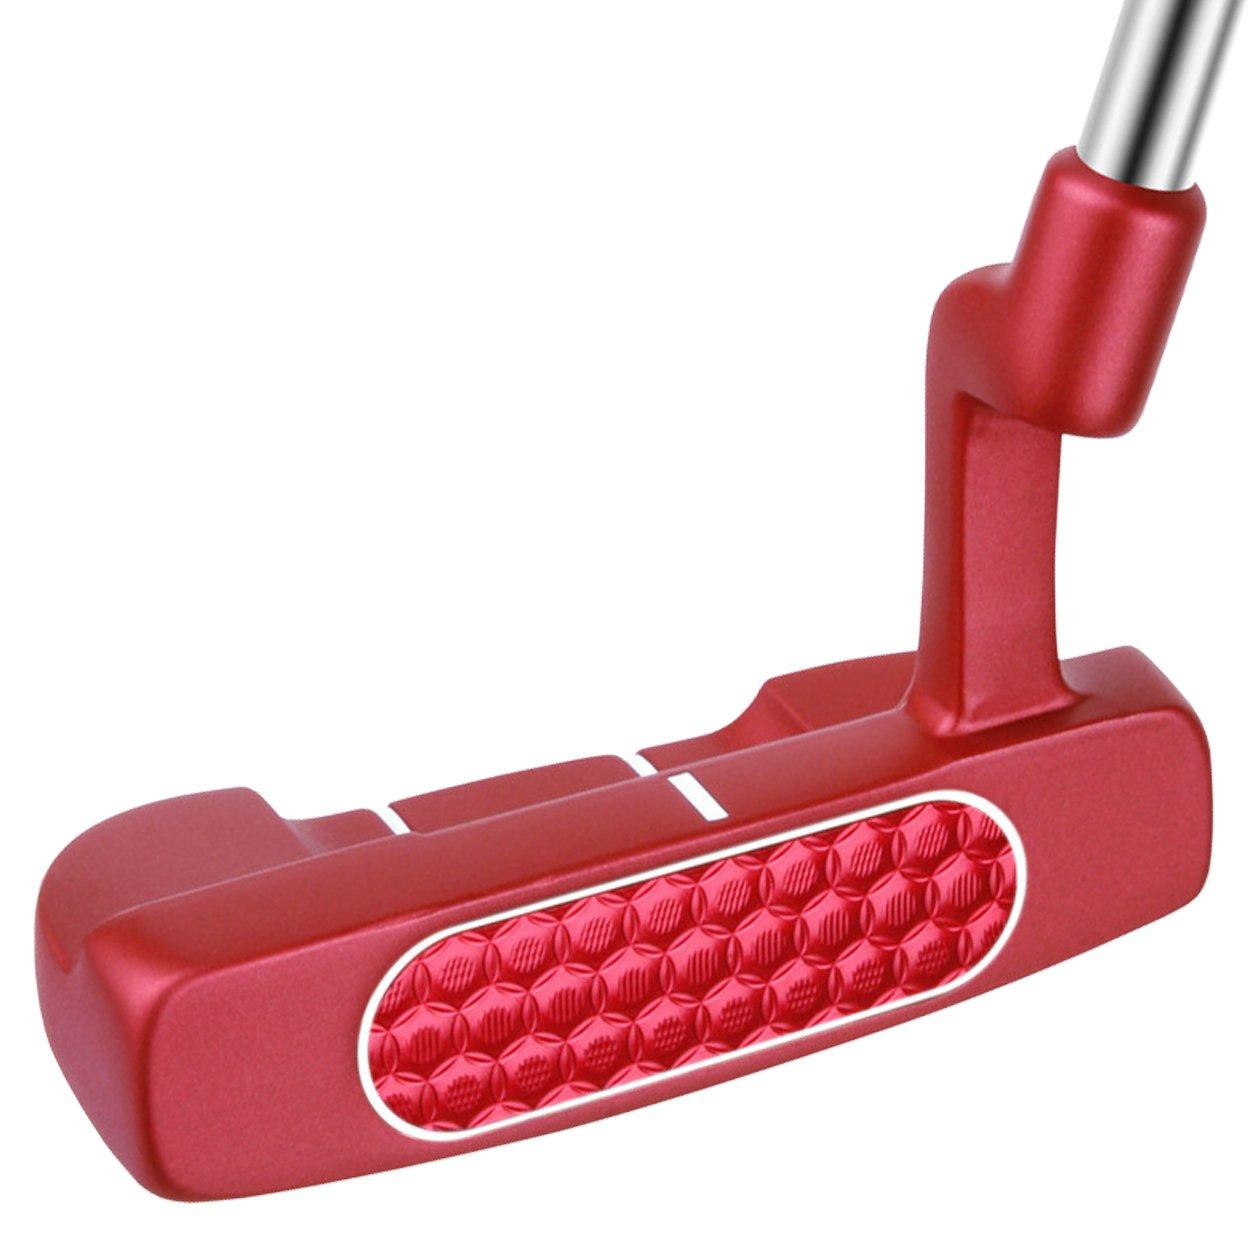 BionikゴルフRLシリーズ105レッドmid-malletパター、ブランド新しい B07BSNC777  35 インチ